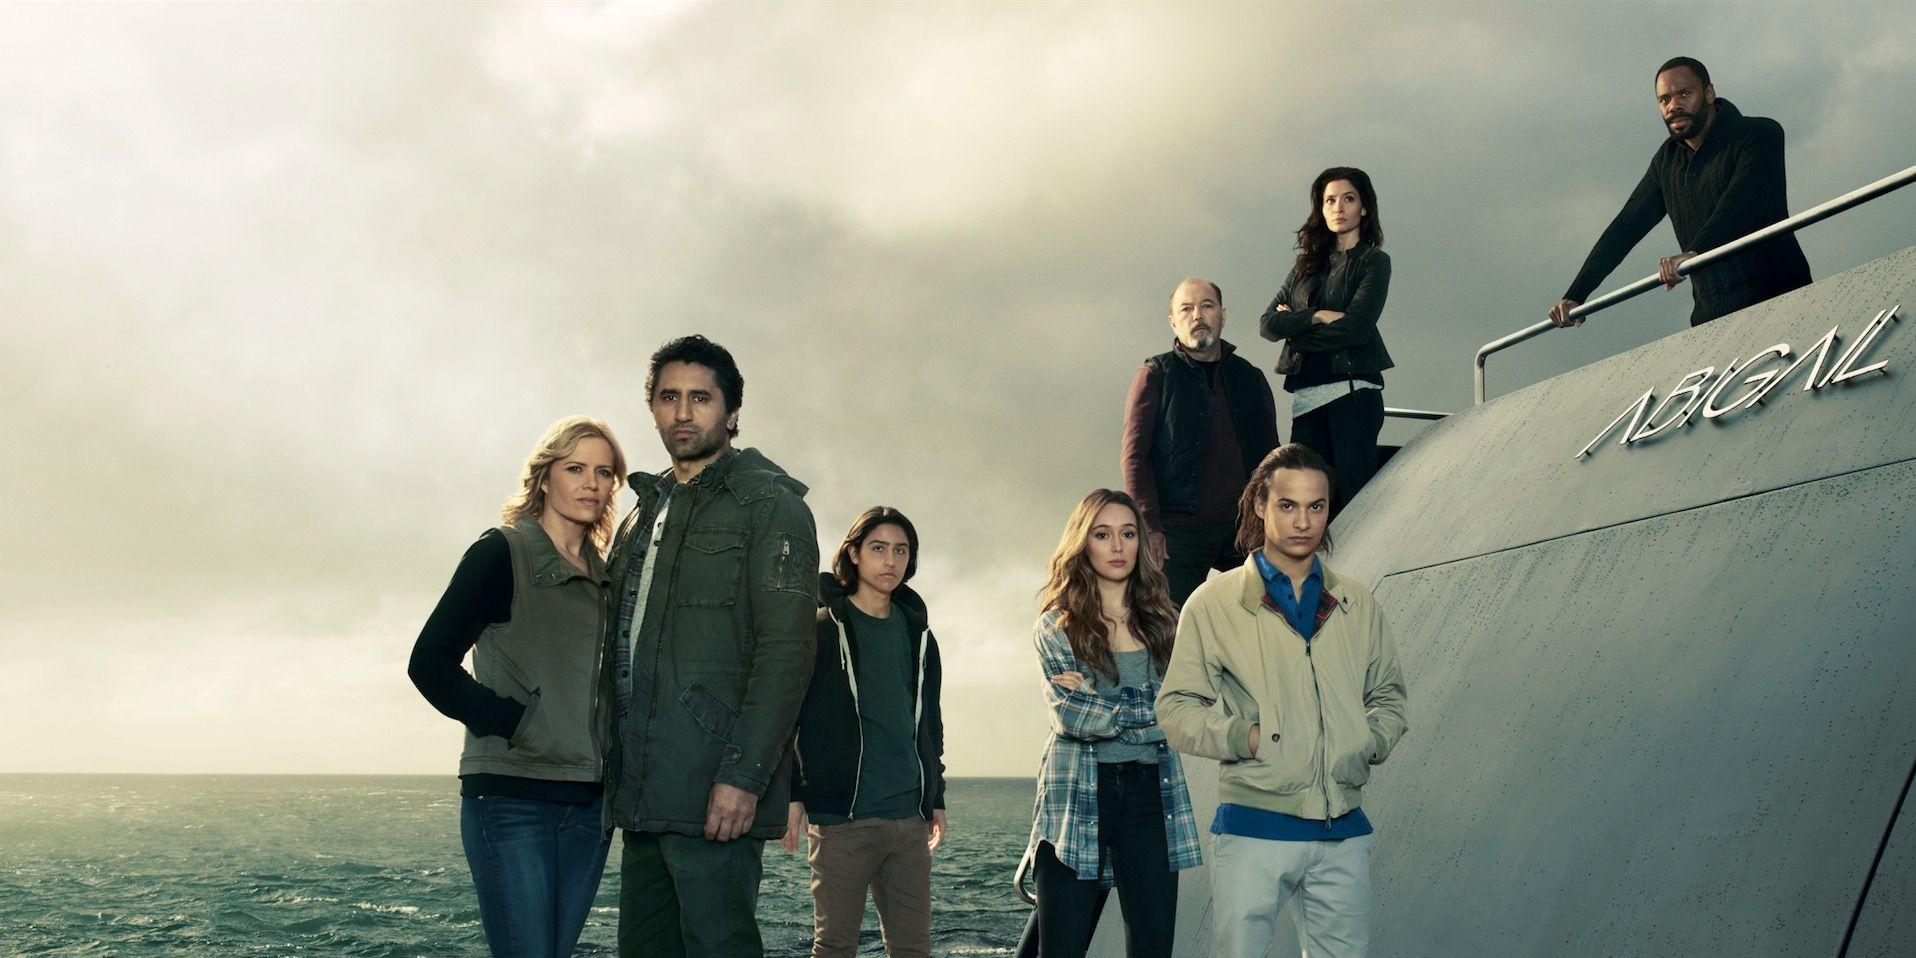 Fear the Walking Dead season 2 cast